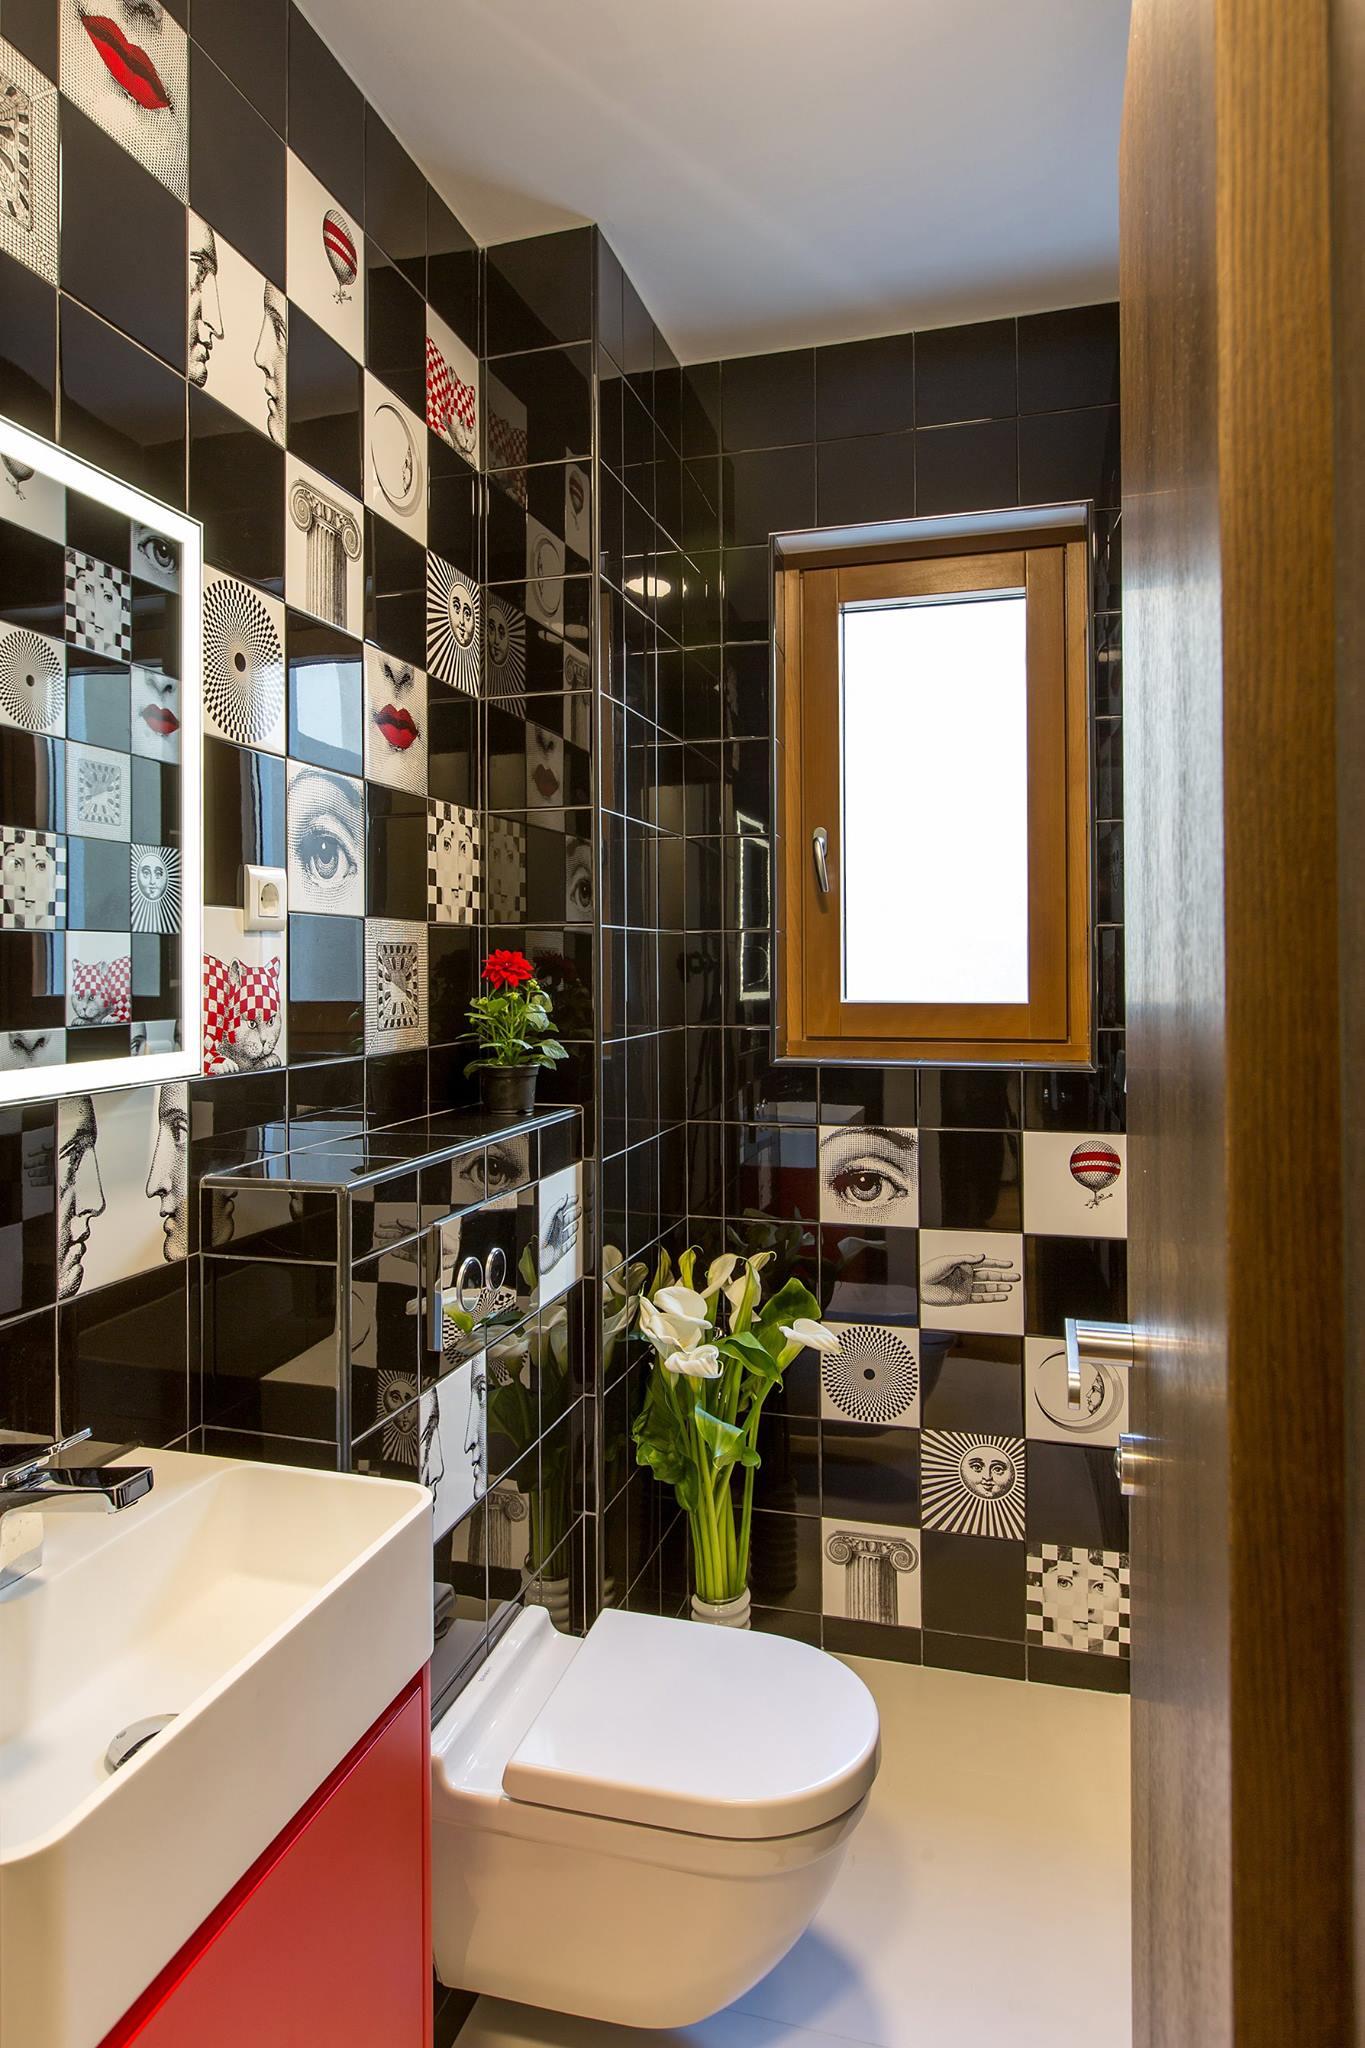 Bagno artistico alba luxury apartments spalato arredobagno for Arredo bagno alba